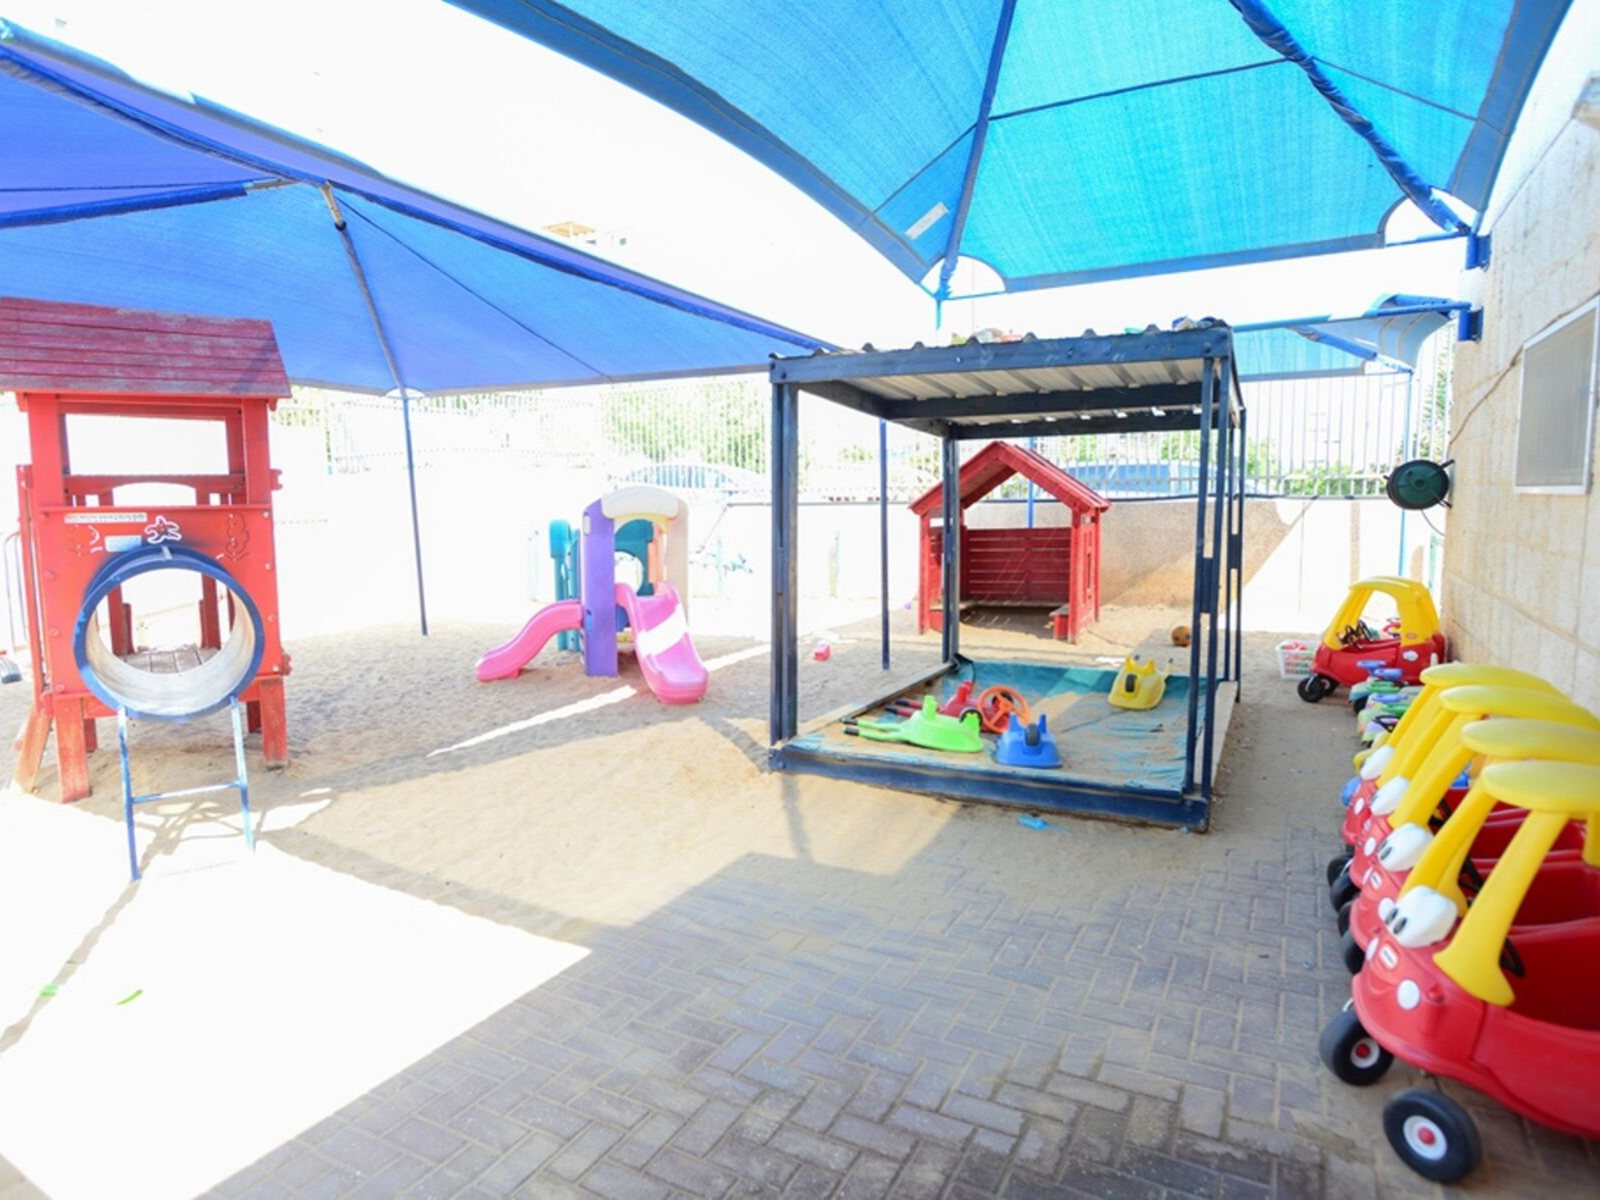 חצר-משחקים-מוצלת-לילדי-המעון